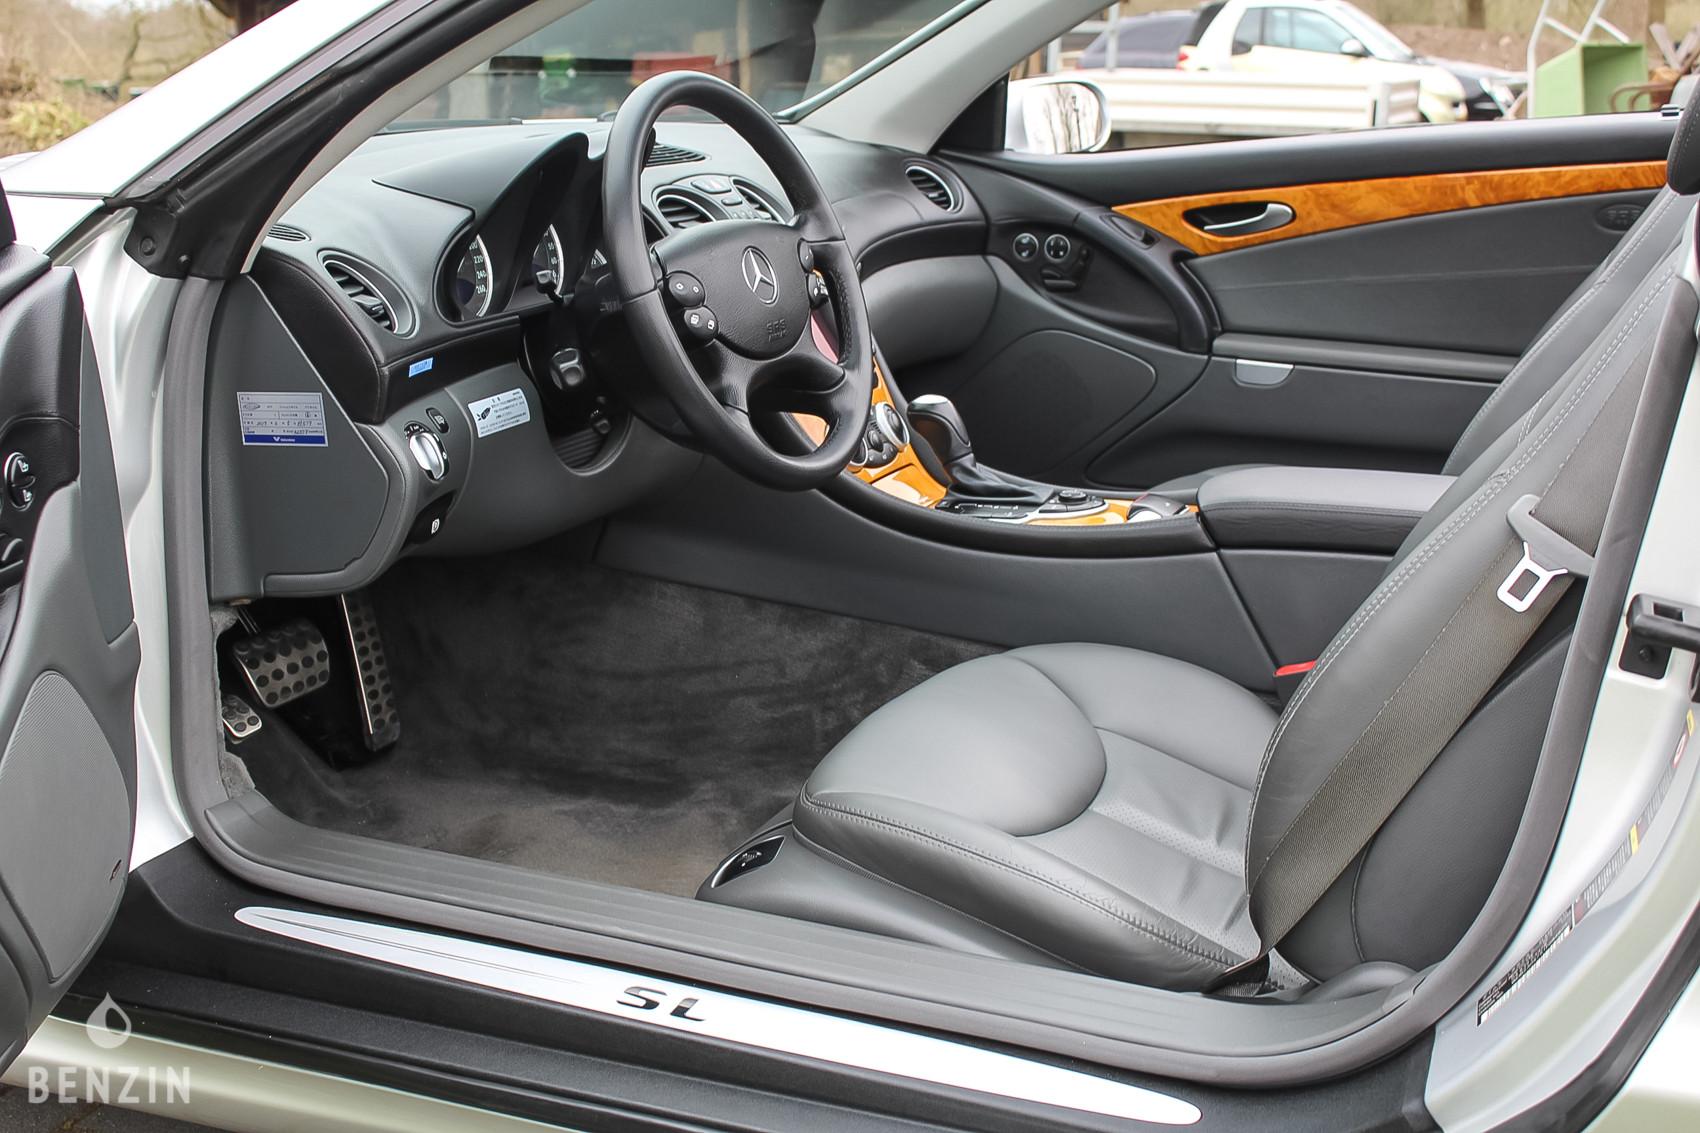 MERCEDES-BENZ SL 500 R230 V8 306 HP FOR SALE EN VENTE EN VENDITA TE KOOP SU VERKAUFEN